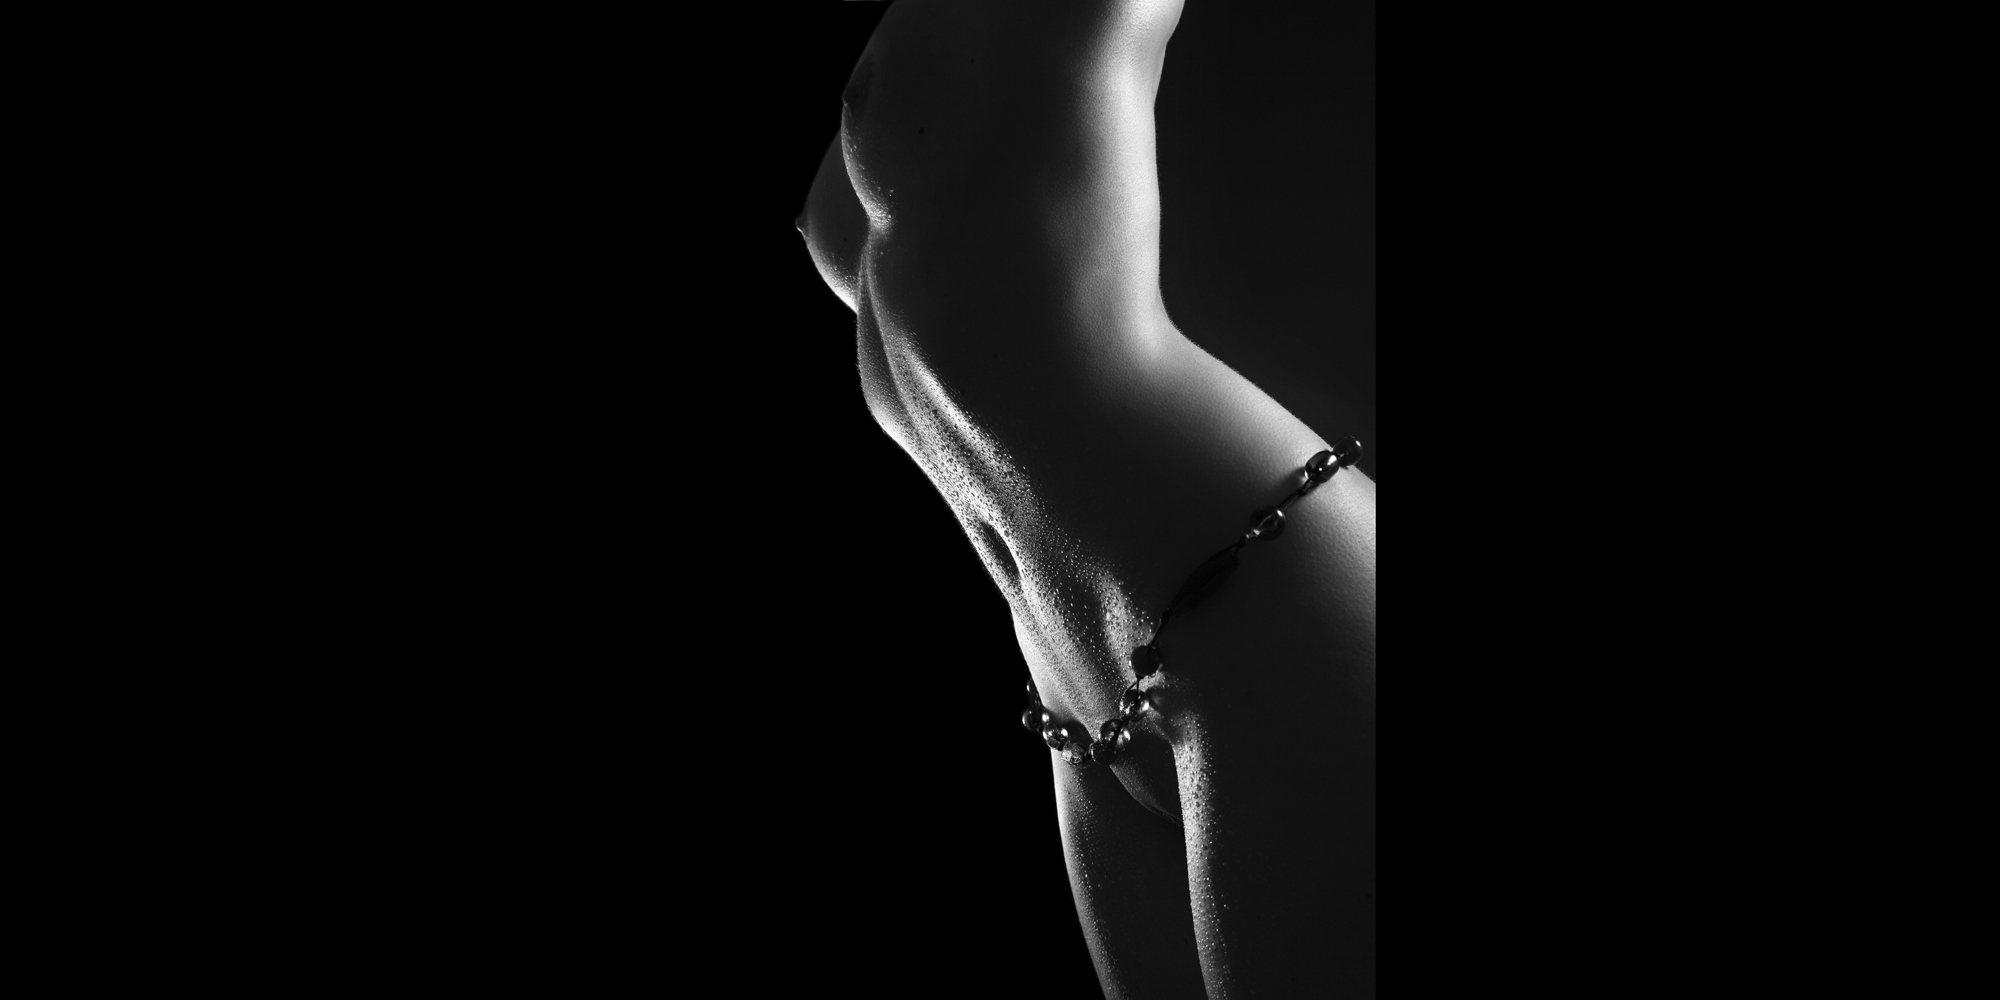 Ästhetische Aktfotografie, seitlicher Bildausschnitt in schwarz-weiß von Brust, Bauch und Genitalien einer schlanken Frau, mit perlenden Wassertropfen auf der Haut, die eine Kette um die Hüfte trägt.